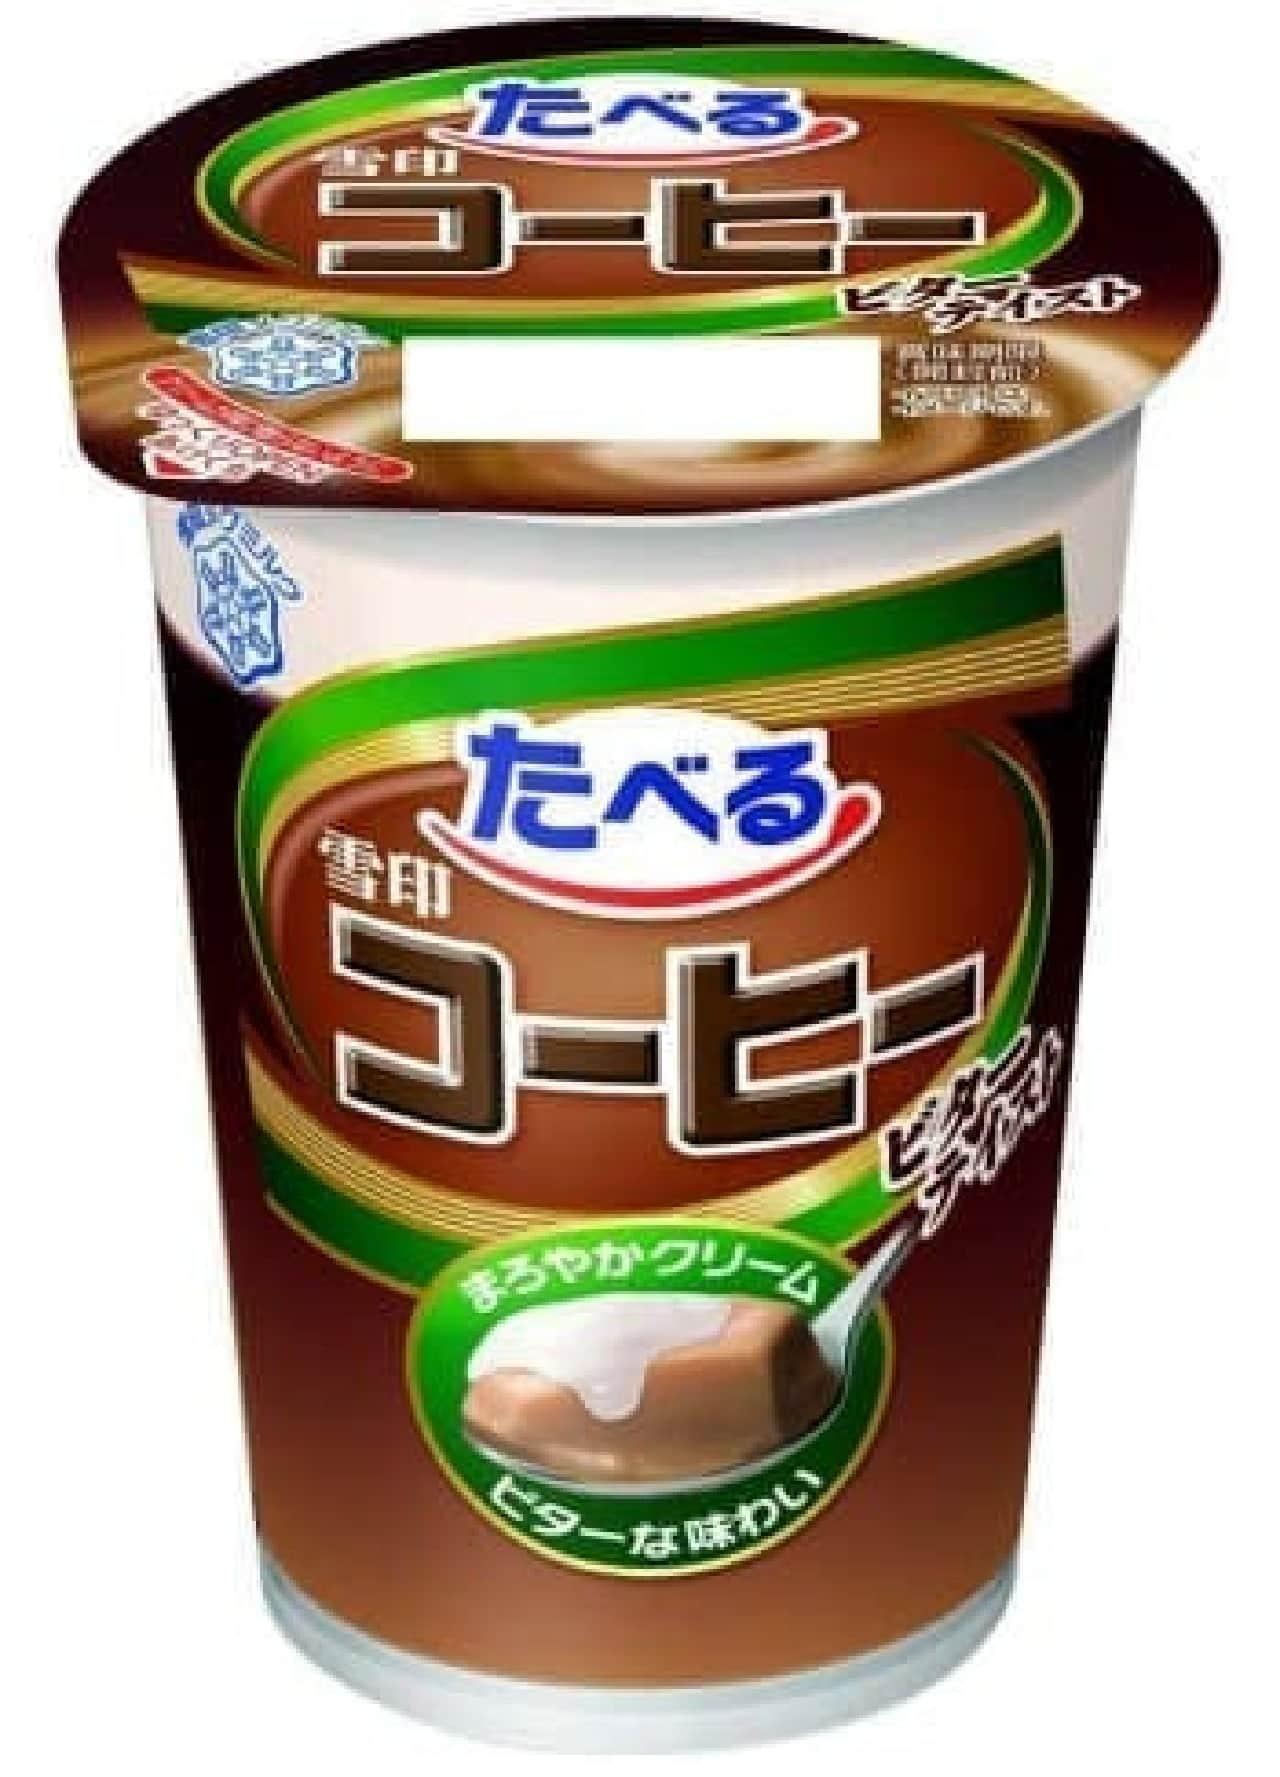 雪印メグミルク「たべる雪印コーヒー ビターテイスト」